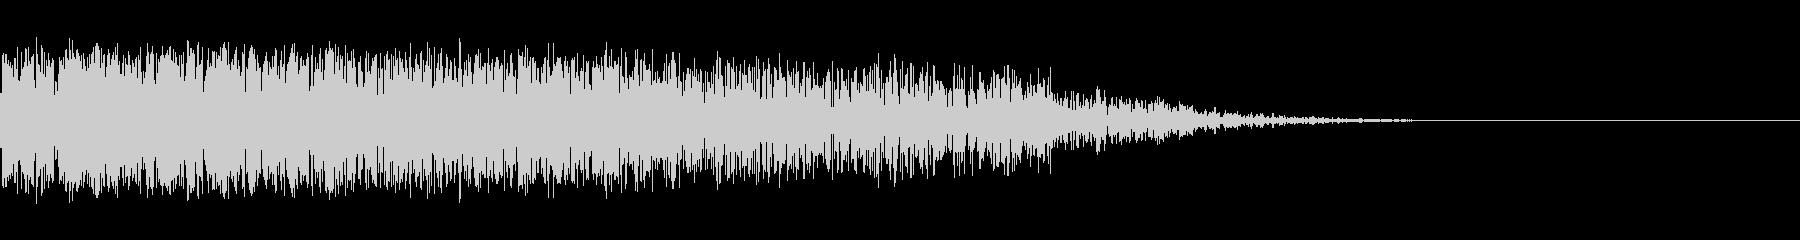 昭和の特撮にありそうな衝撃音の未再生の波形